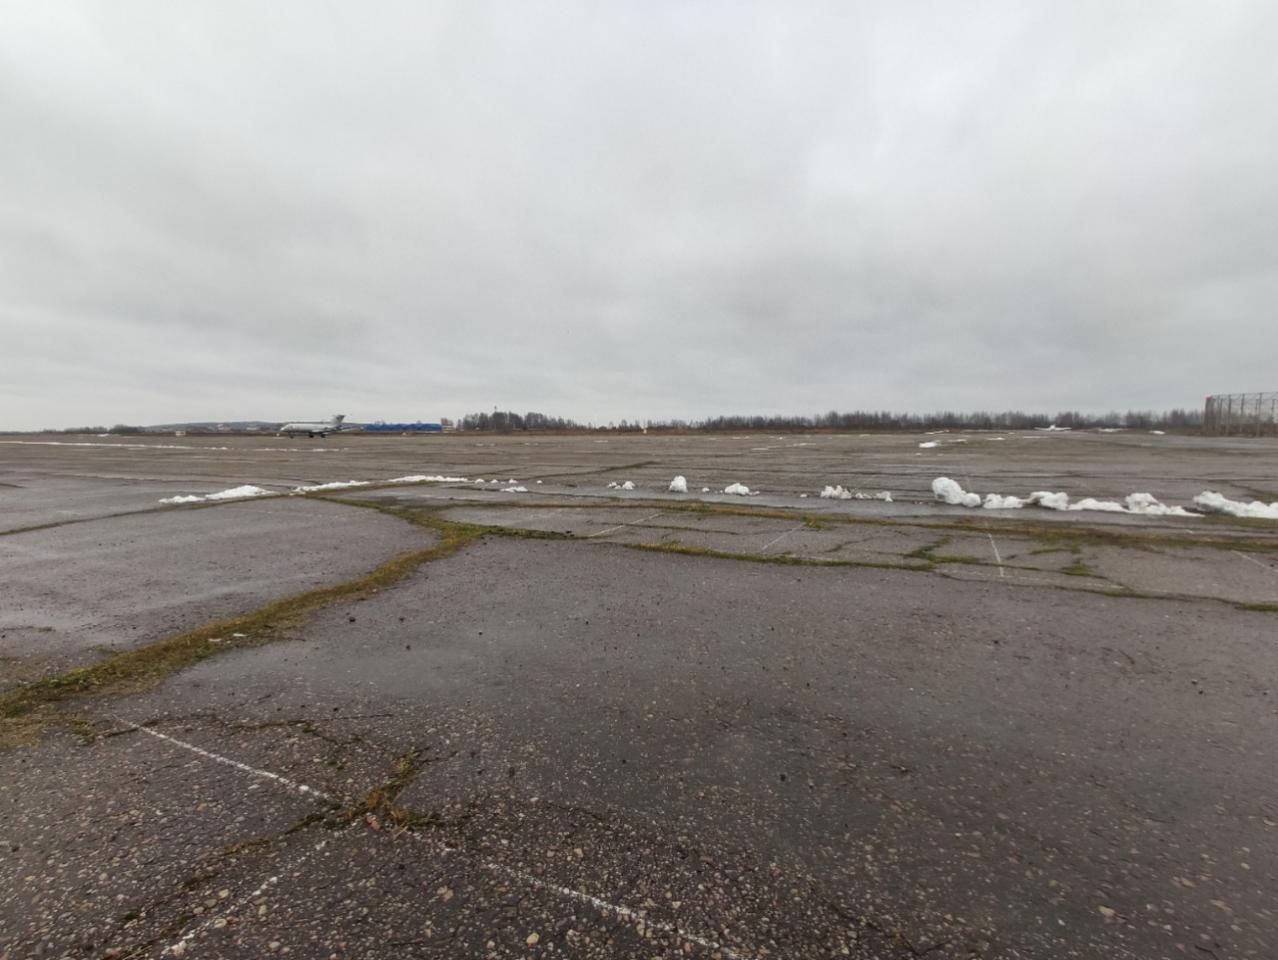 Аренда открытых площадей Новорязанское шоссе 15км от МКАД   фото 1 из 4